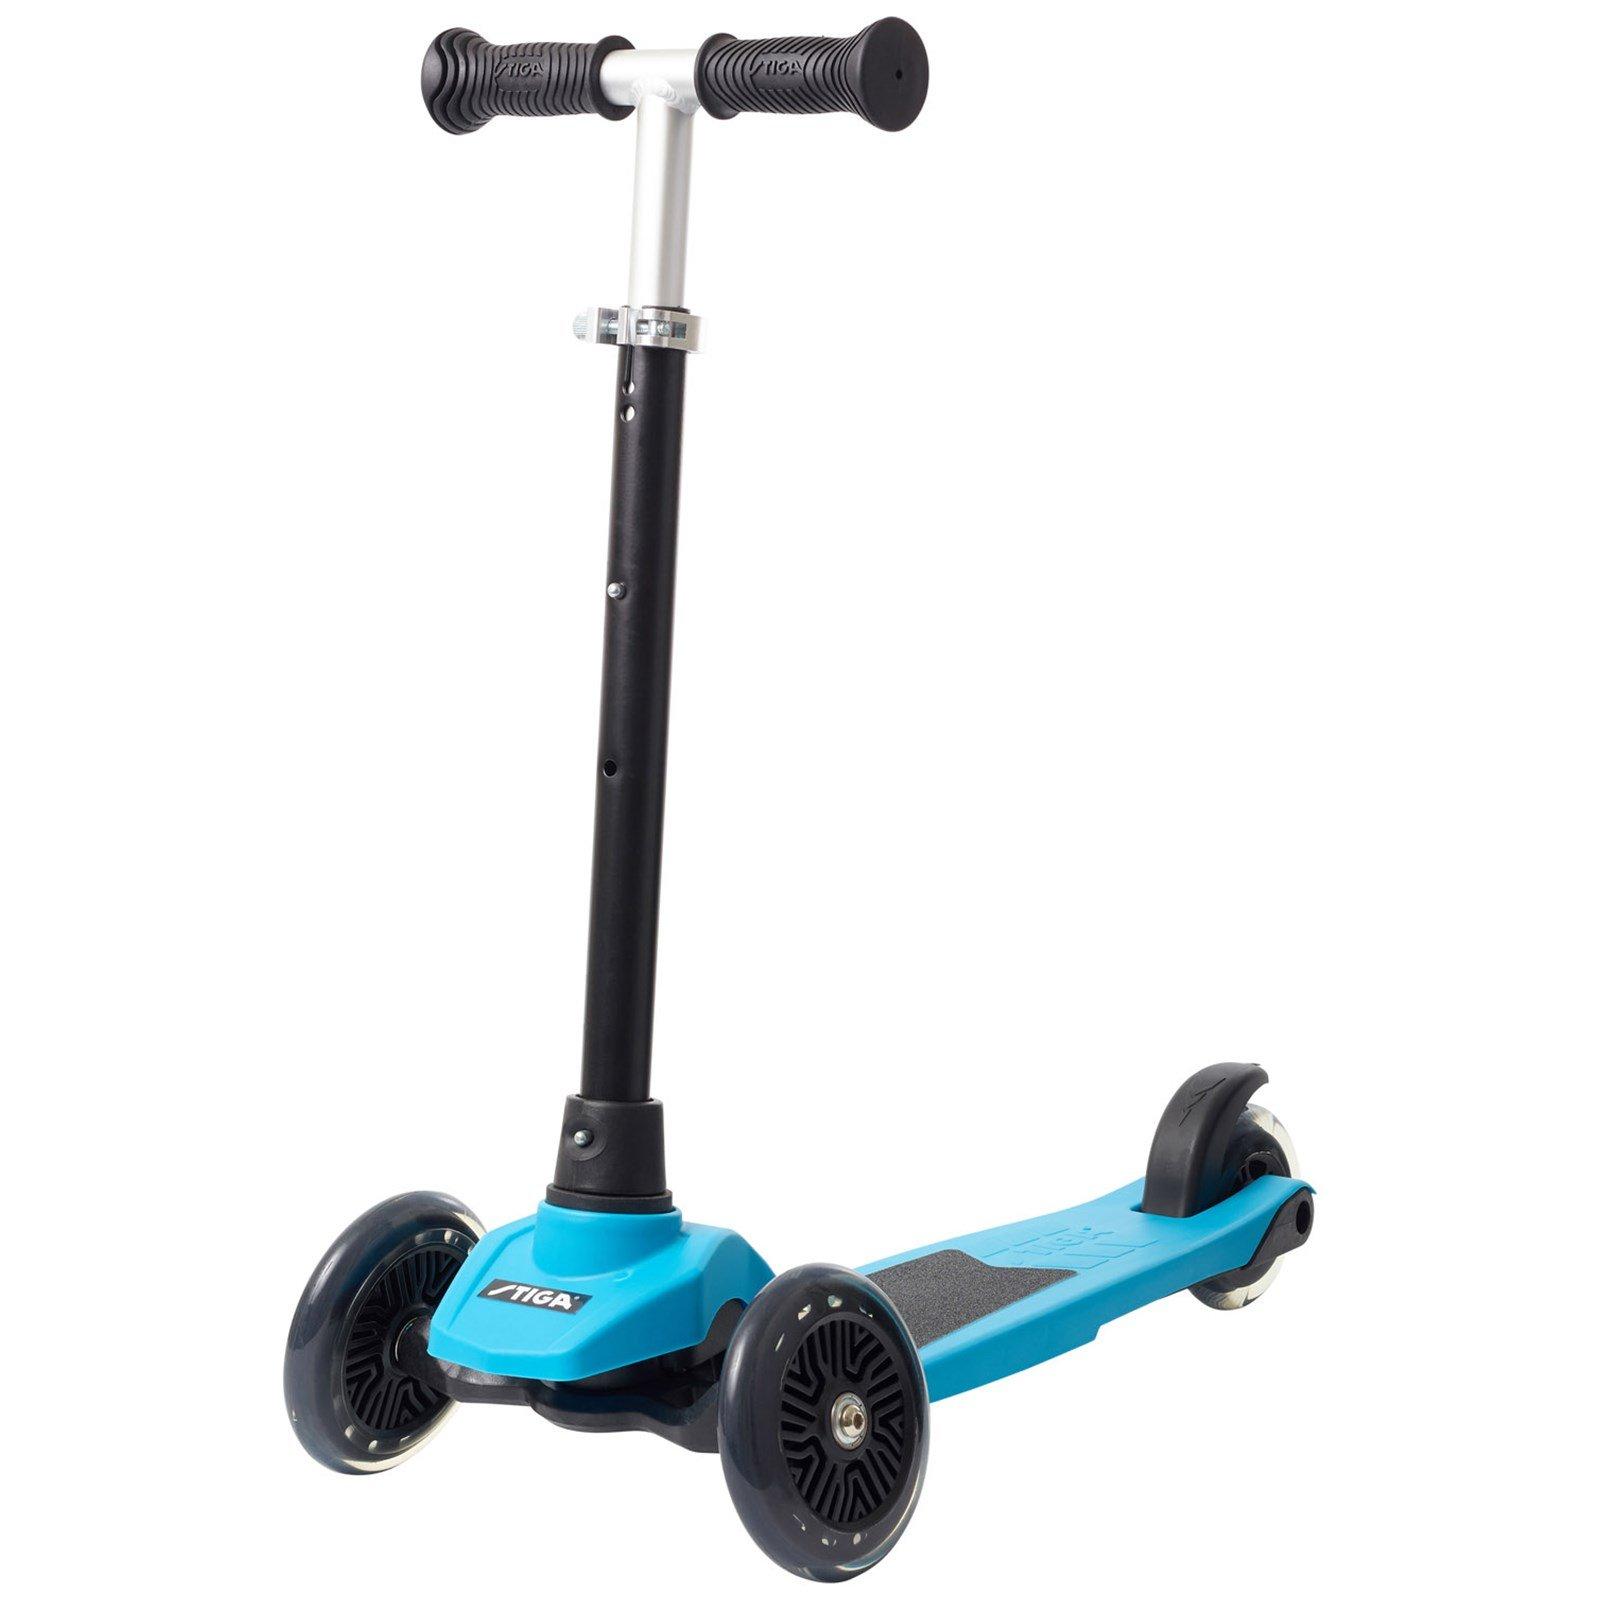 Billig och bra sparkcykel